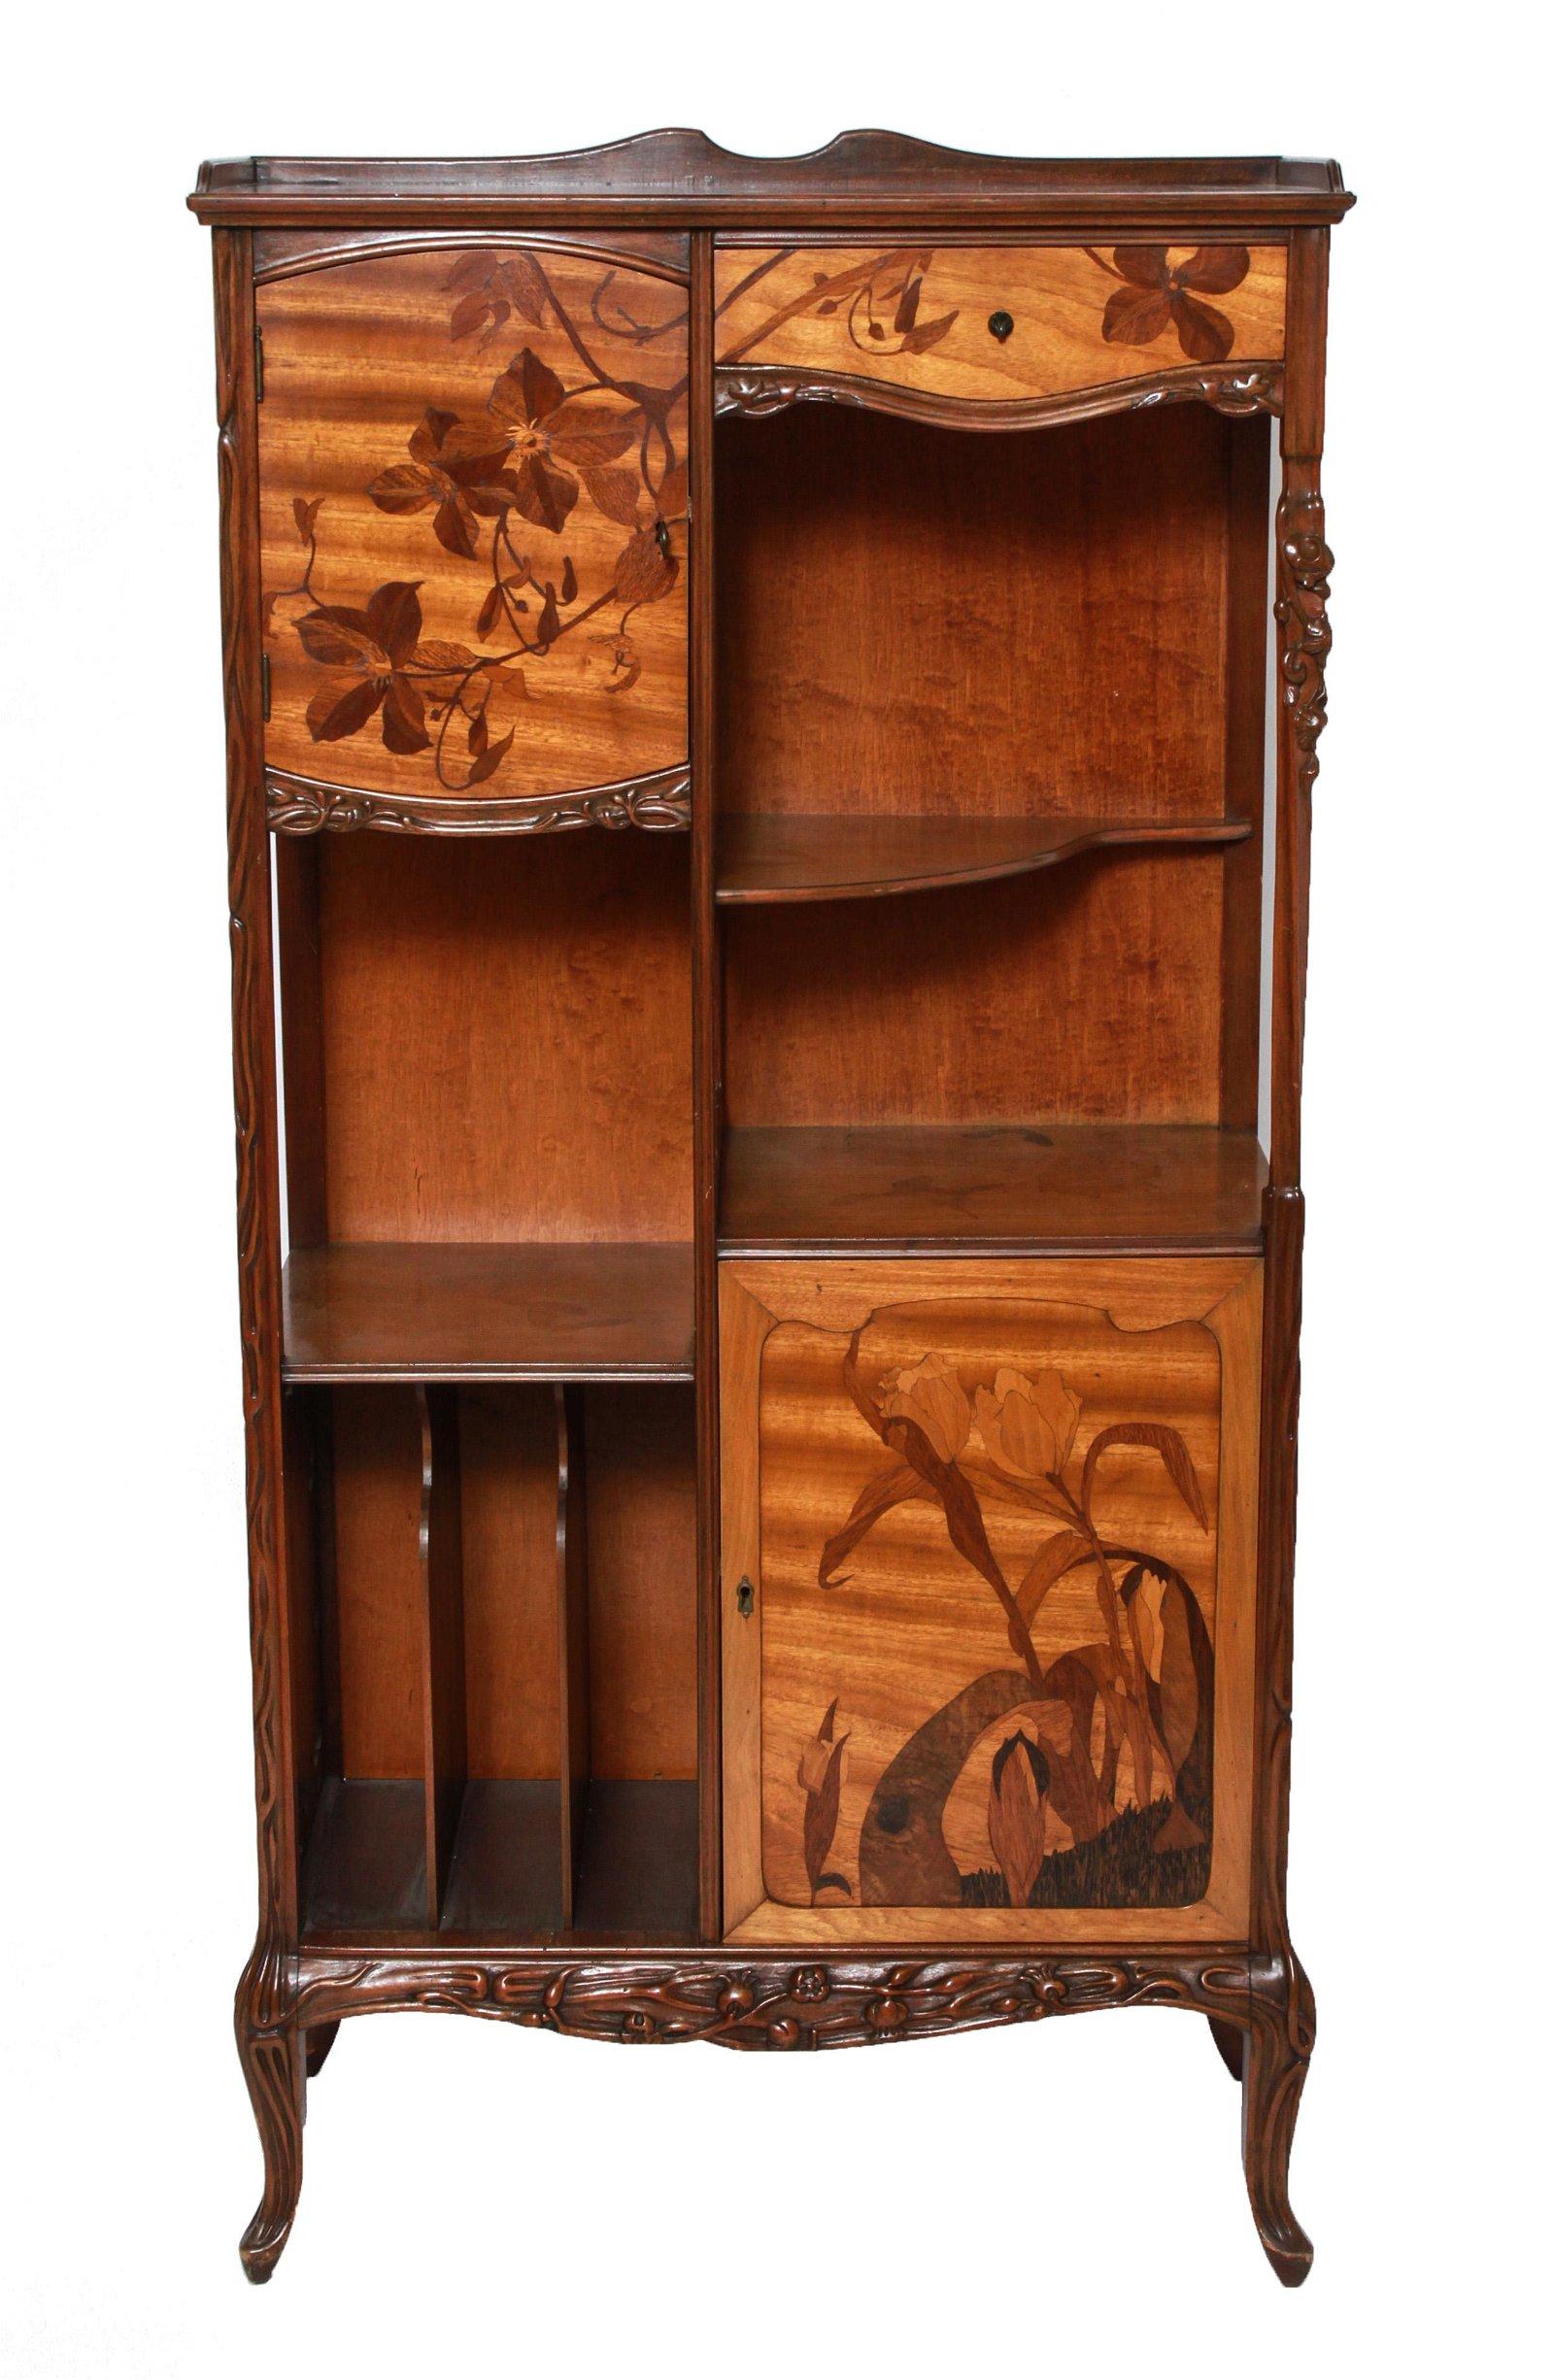 Louis Majorelle Art Nouveau Marquetry Cabinet